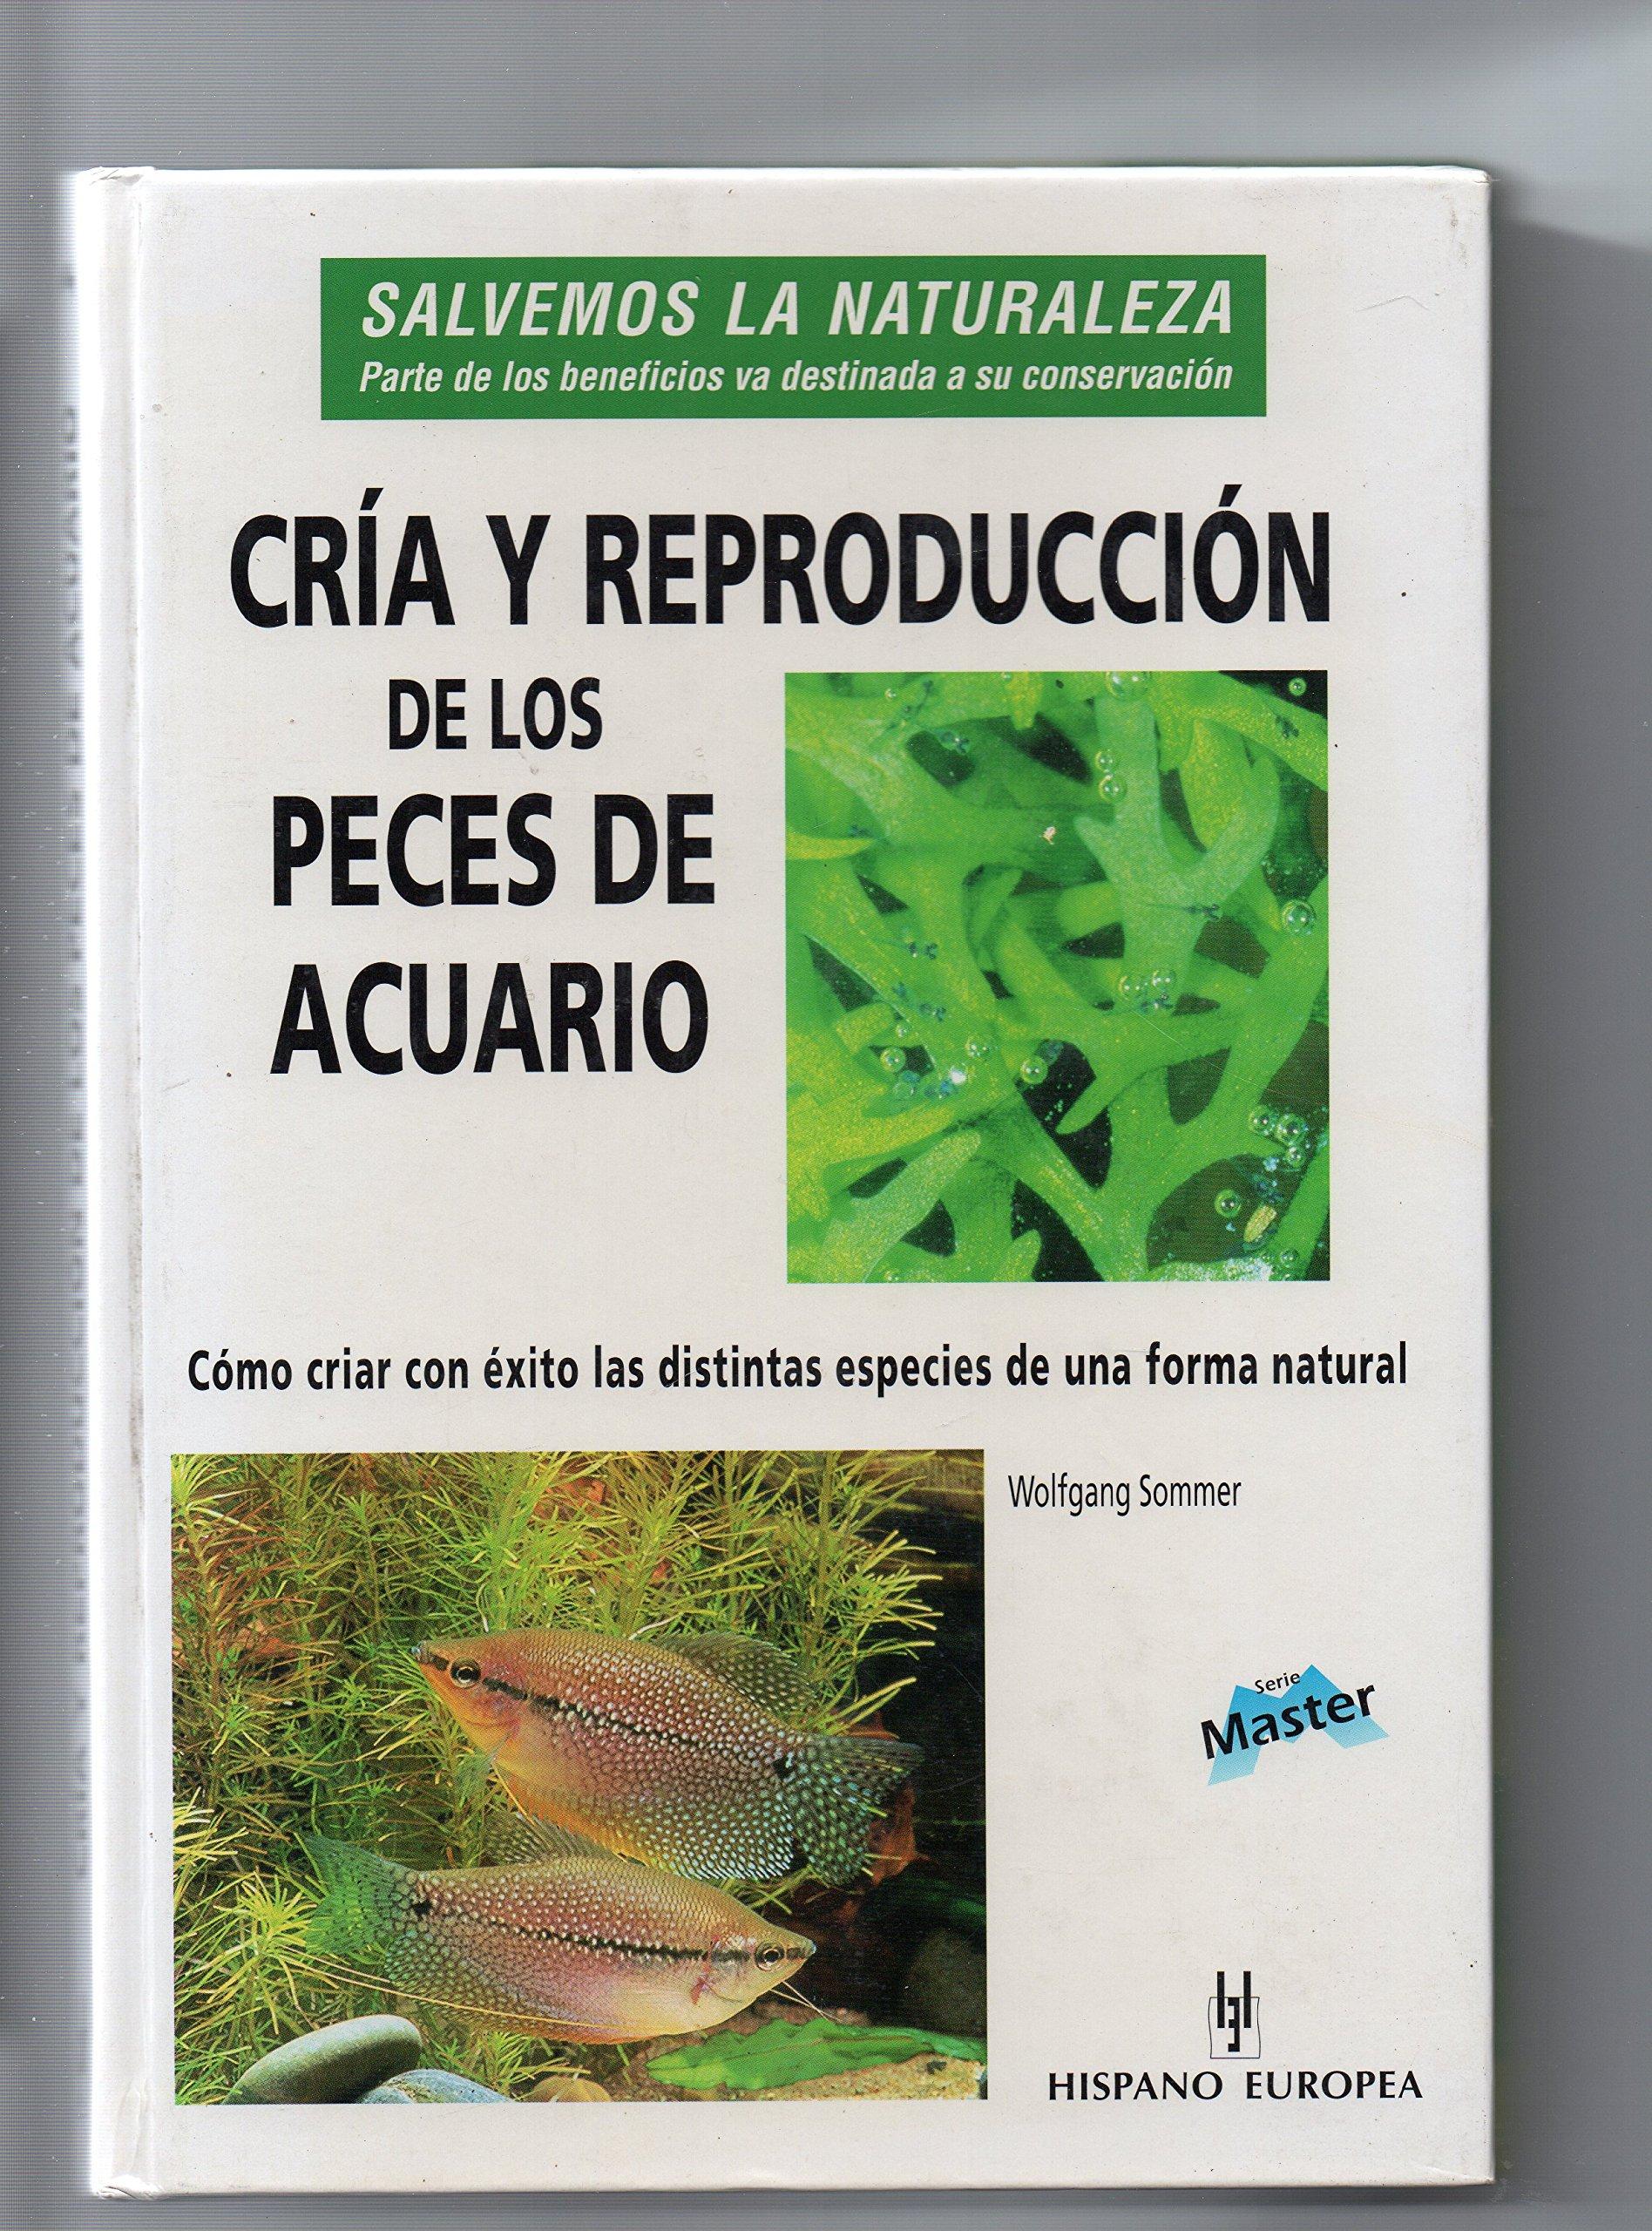 Peces de acuario - cria y reproduccion (Master): Amazon.es: Wolfgang Sommer: Libros